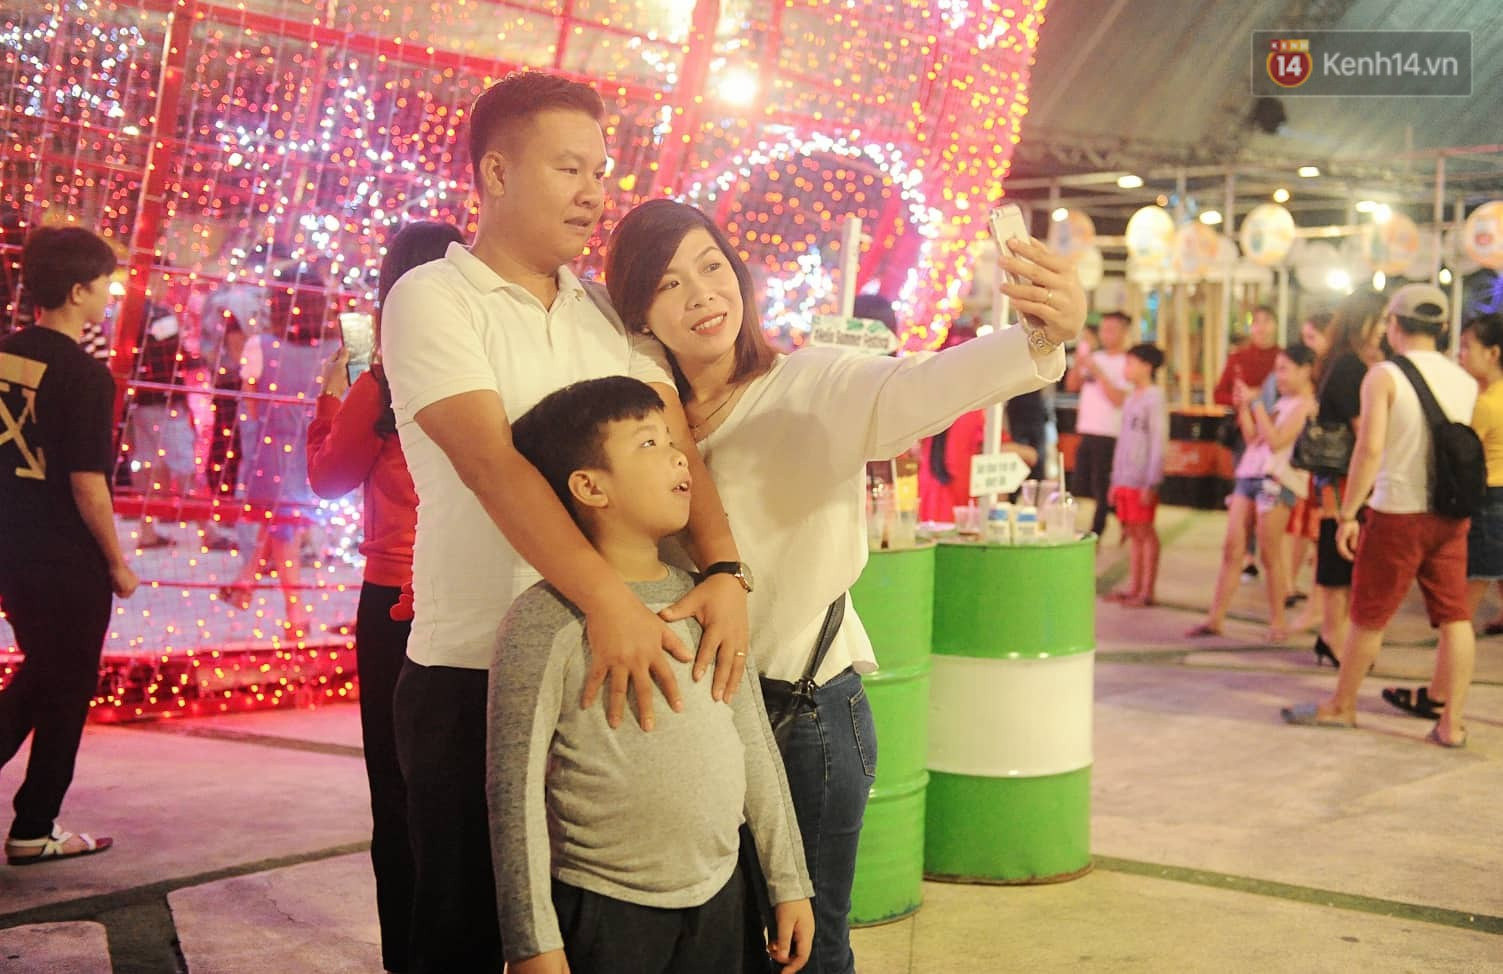 Người dân Hà Nội, Sài Gòn và Đà Nẵng nô nức xuống đường, khắp phố phường khoác lên mình tấm áo Giáng sinh đầy màu sắc - Ảnh 15.